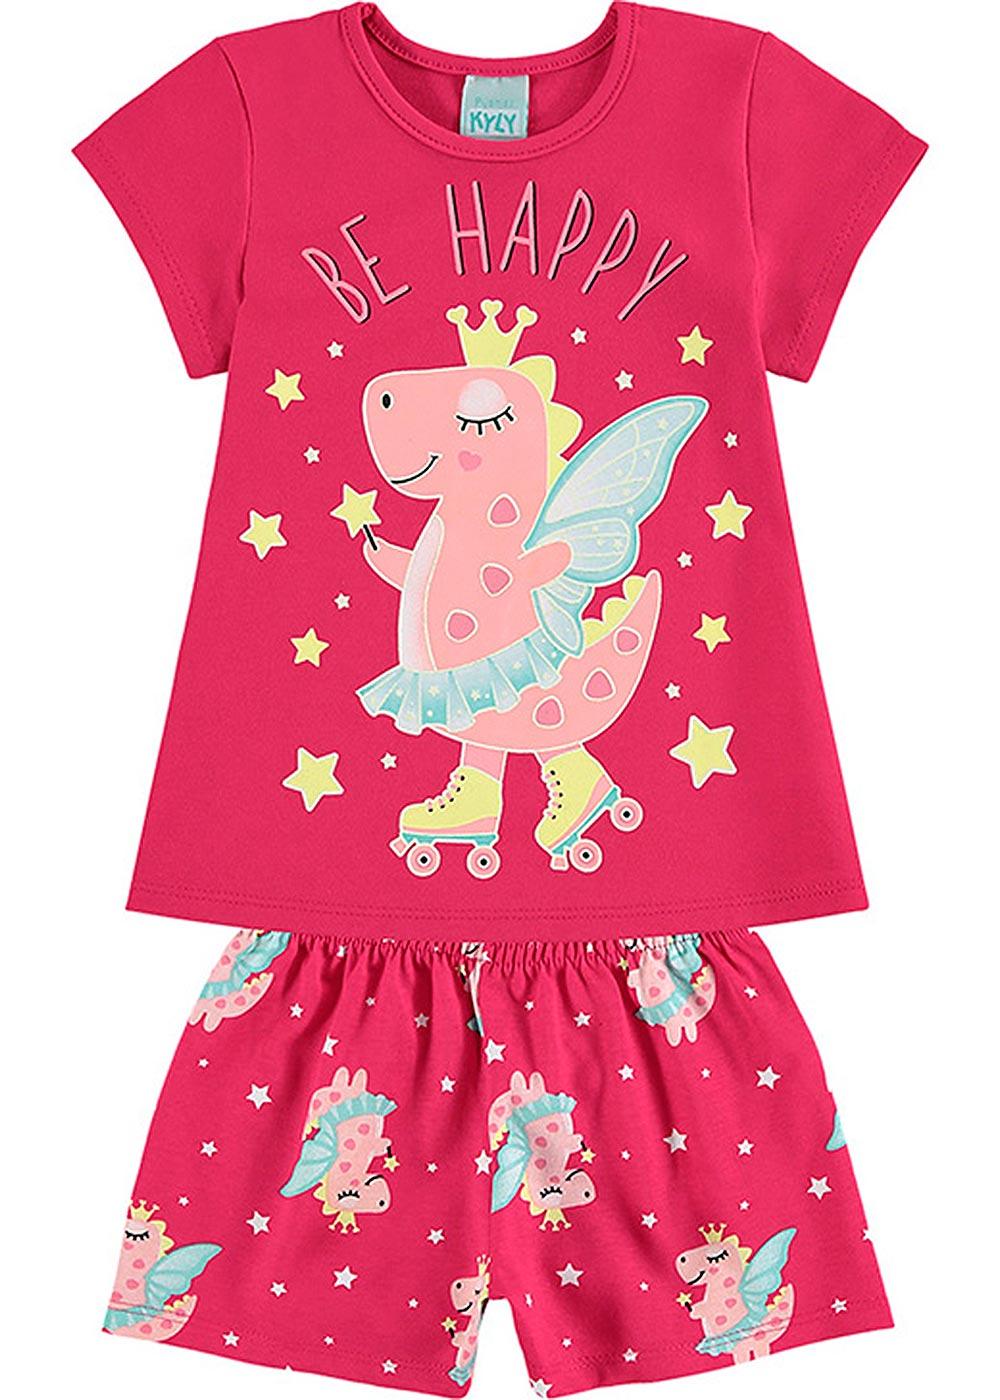 Pijama Infantil Feminino Verão Rosa Be Happy - Kyly